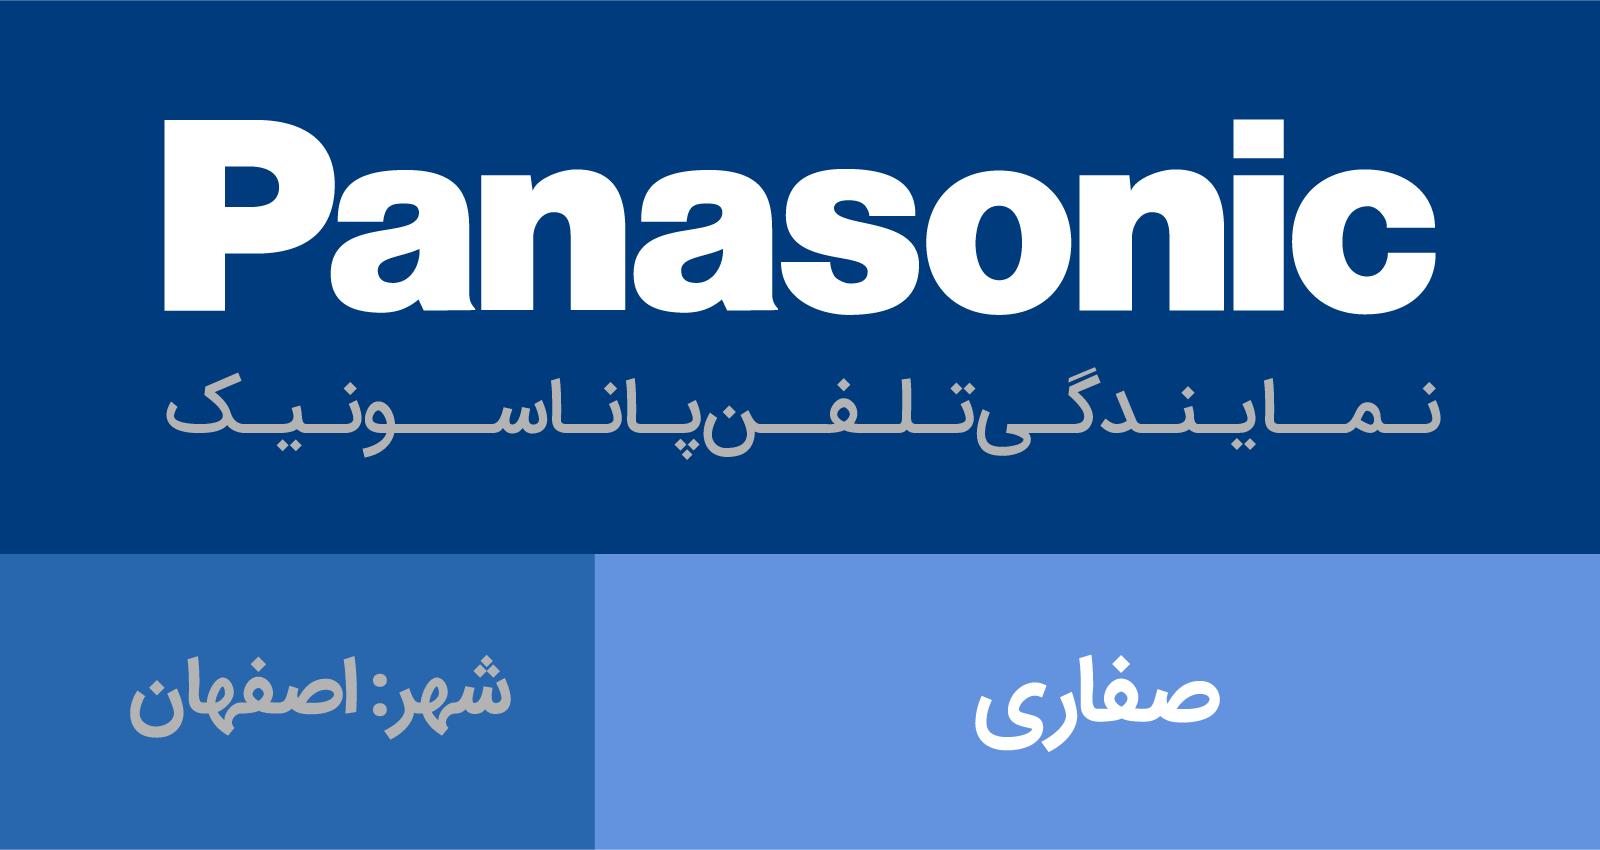 نمایندگی پاناسونیک اصفهان - صفاری